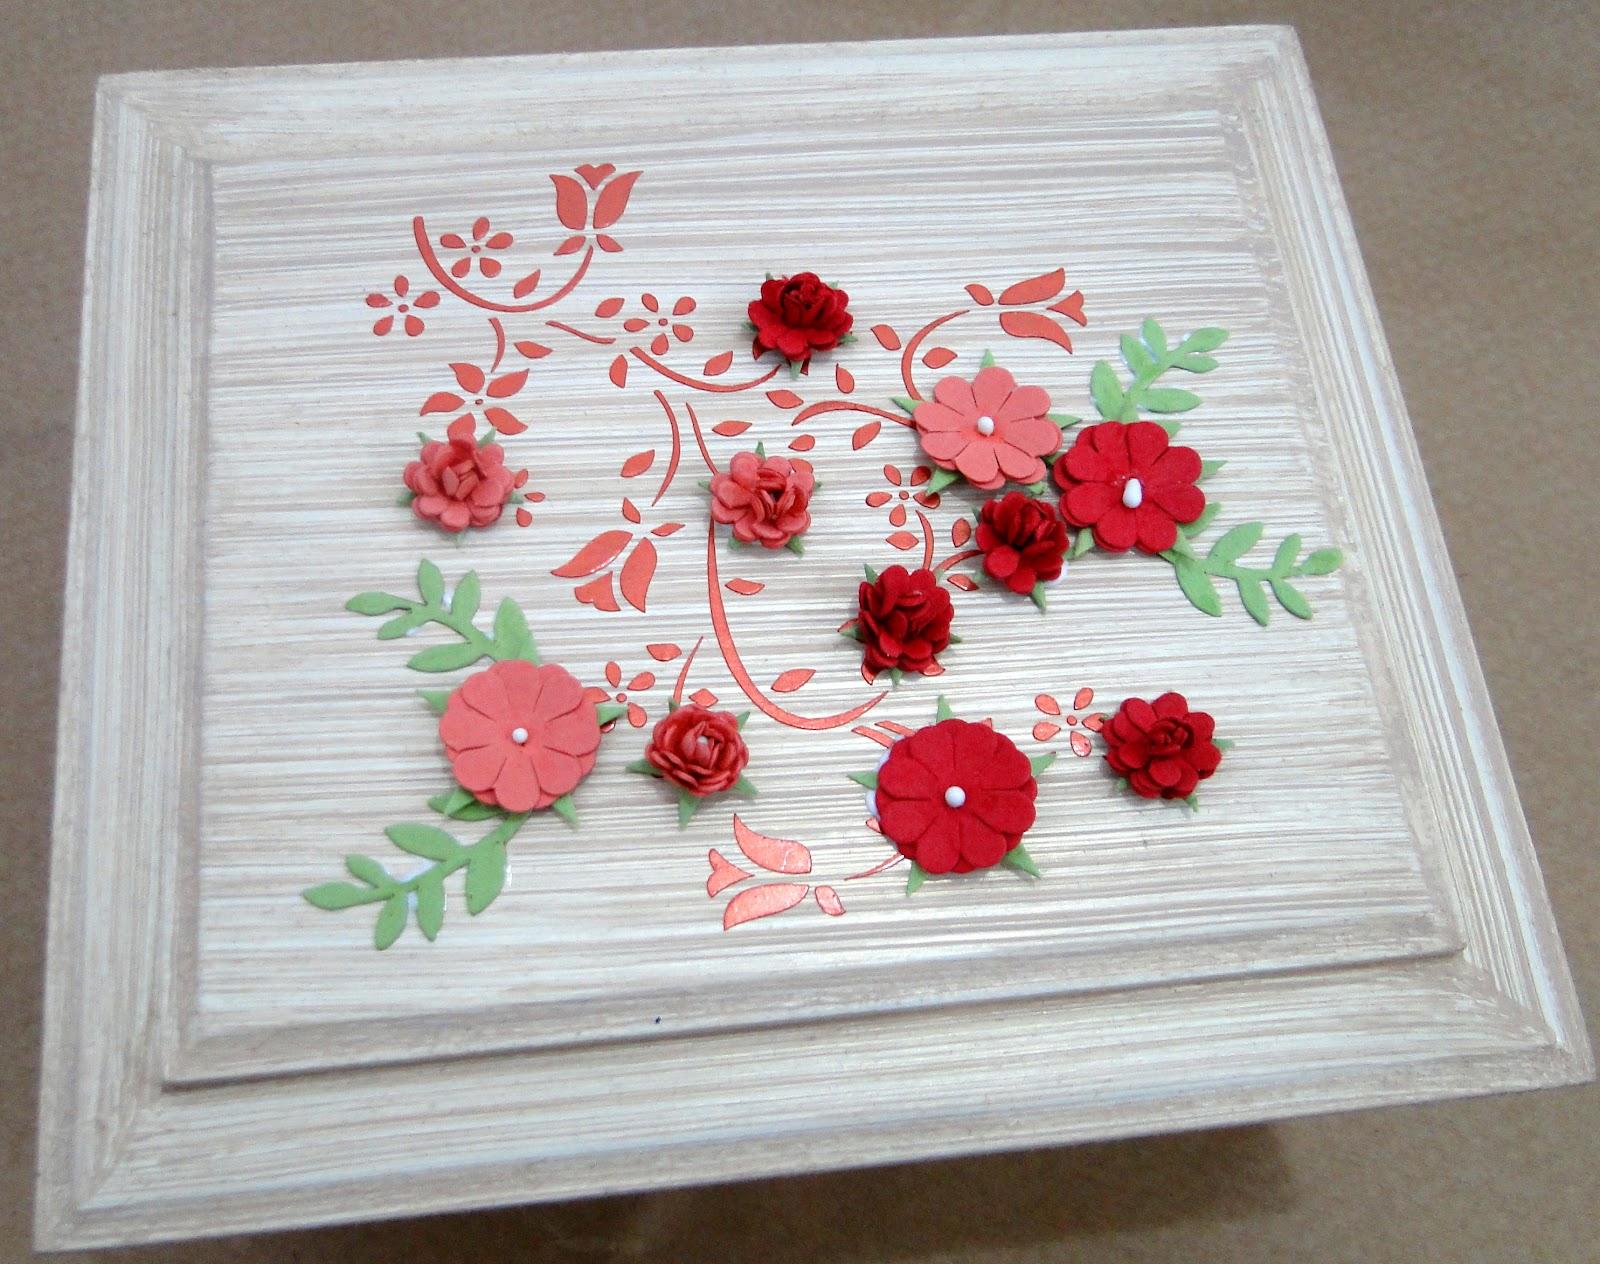 Artes Artesanato em tecido madeira e cartonagem: Caixa Porta Jóia #B01B29 1600x1264